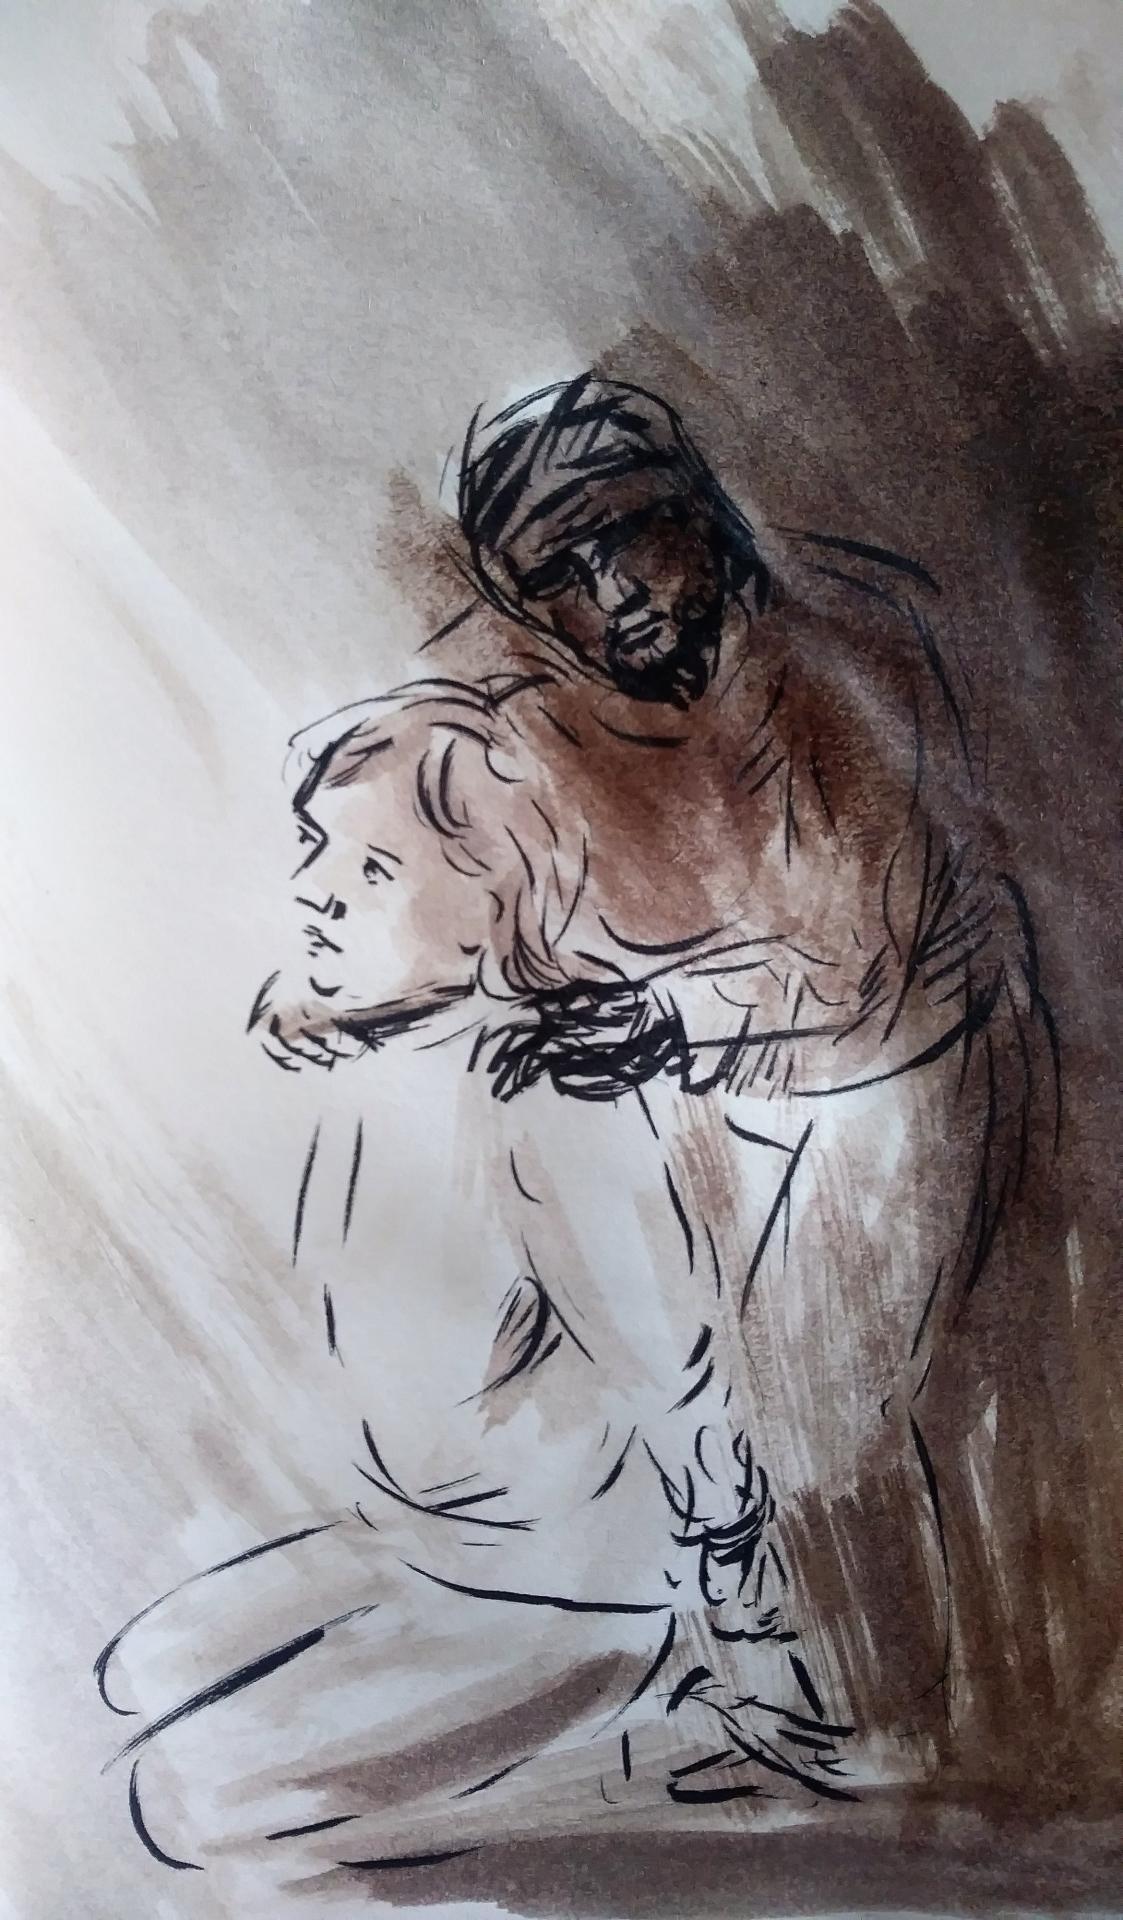 7 Mai 2018, évangile du jour illustré par un dessin au lavis